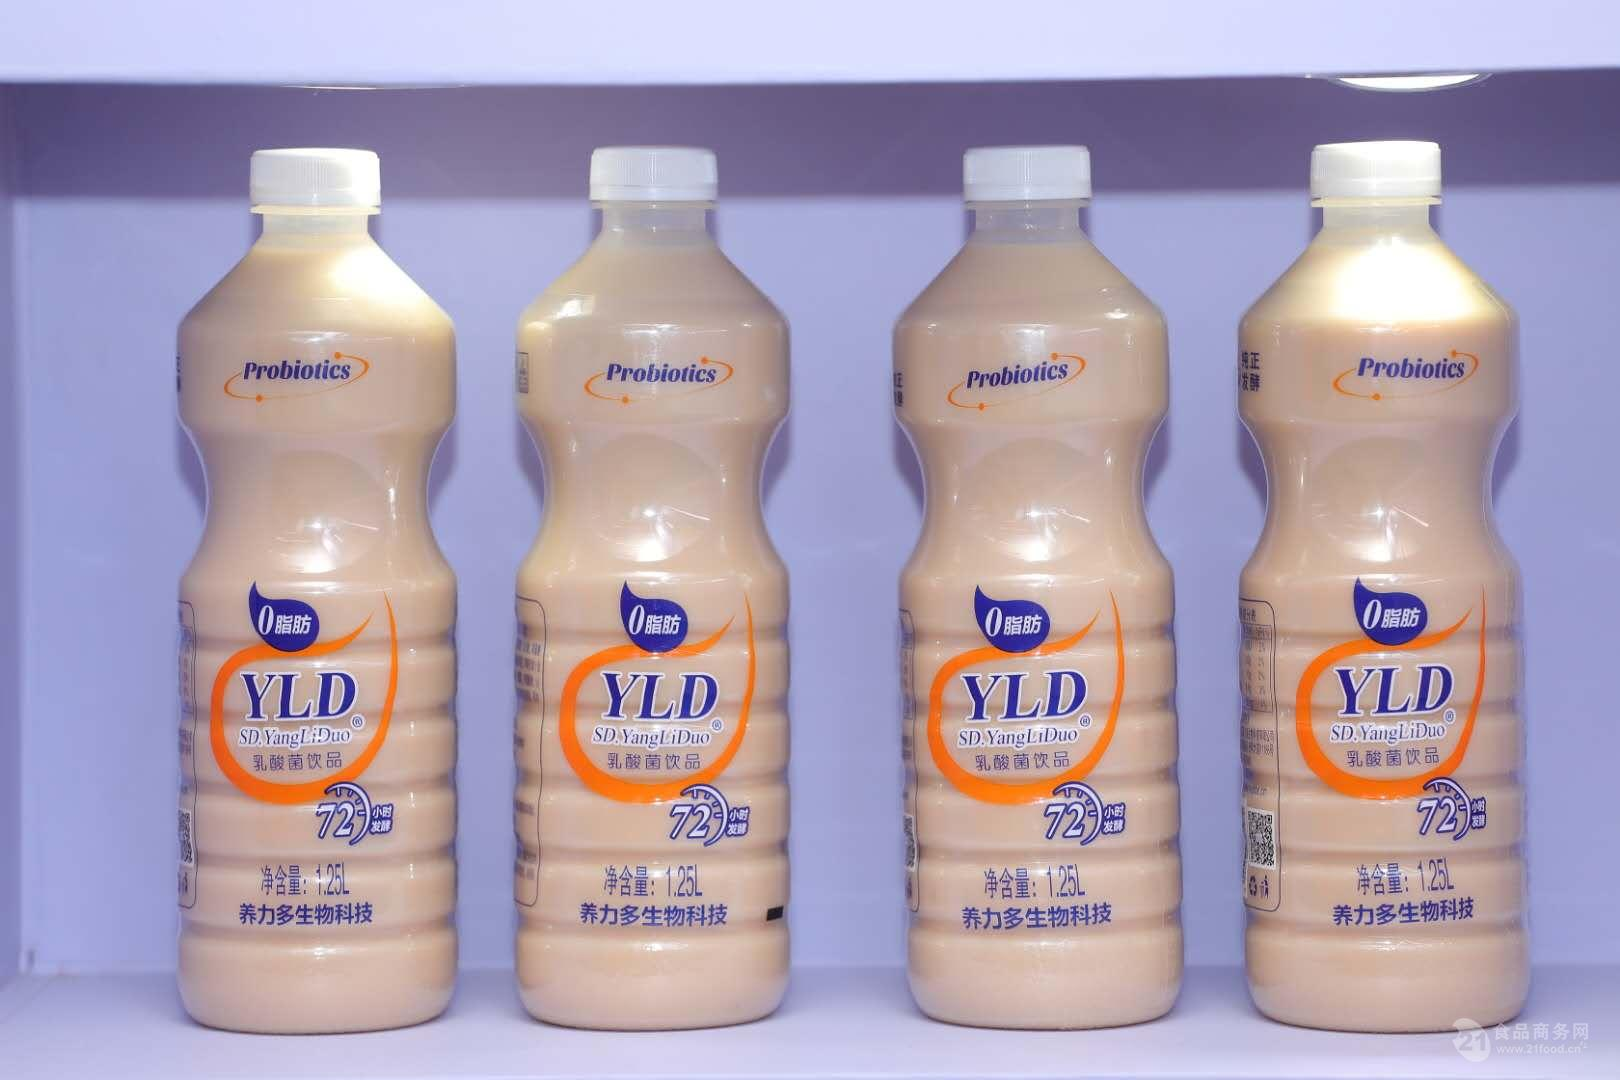 养力多1.25升乳酸菌饮品拧开即饮透明瓶